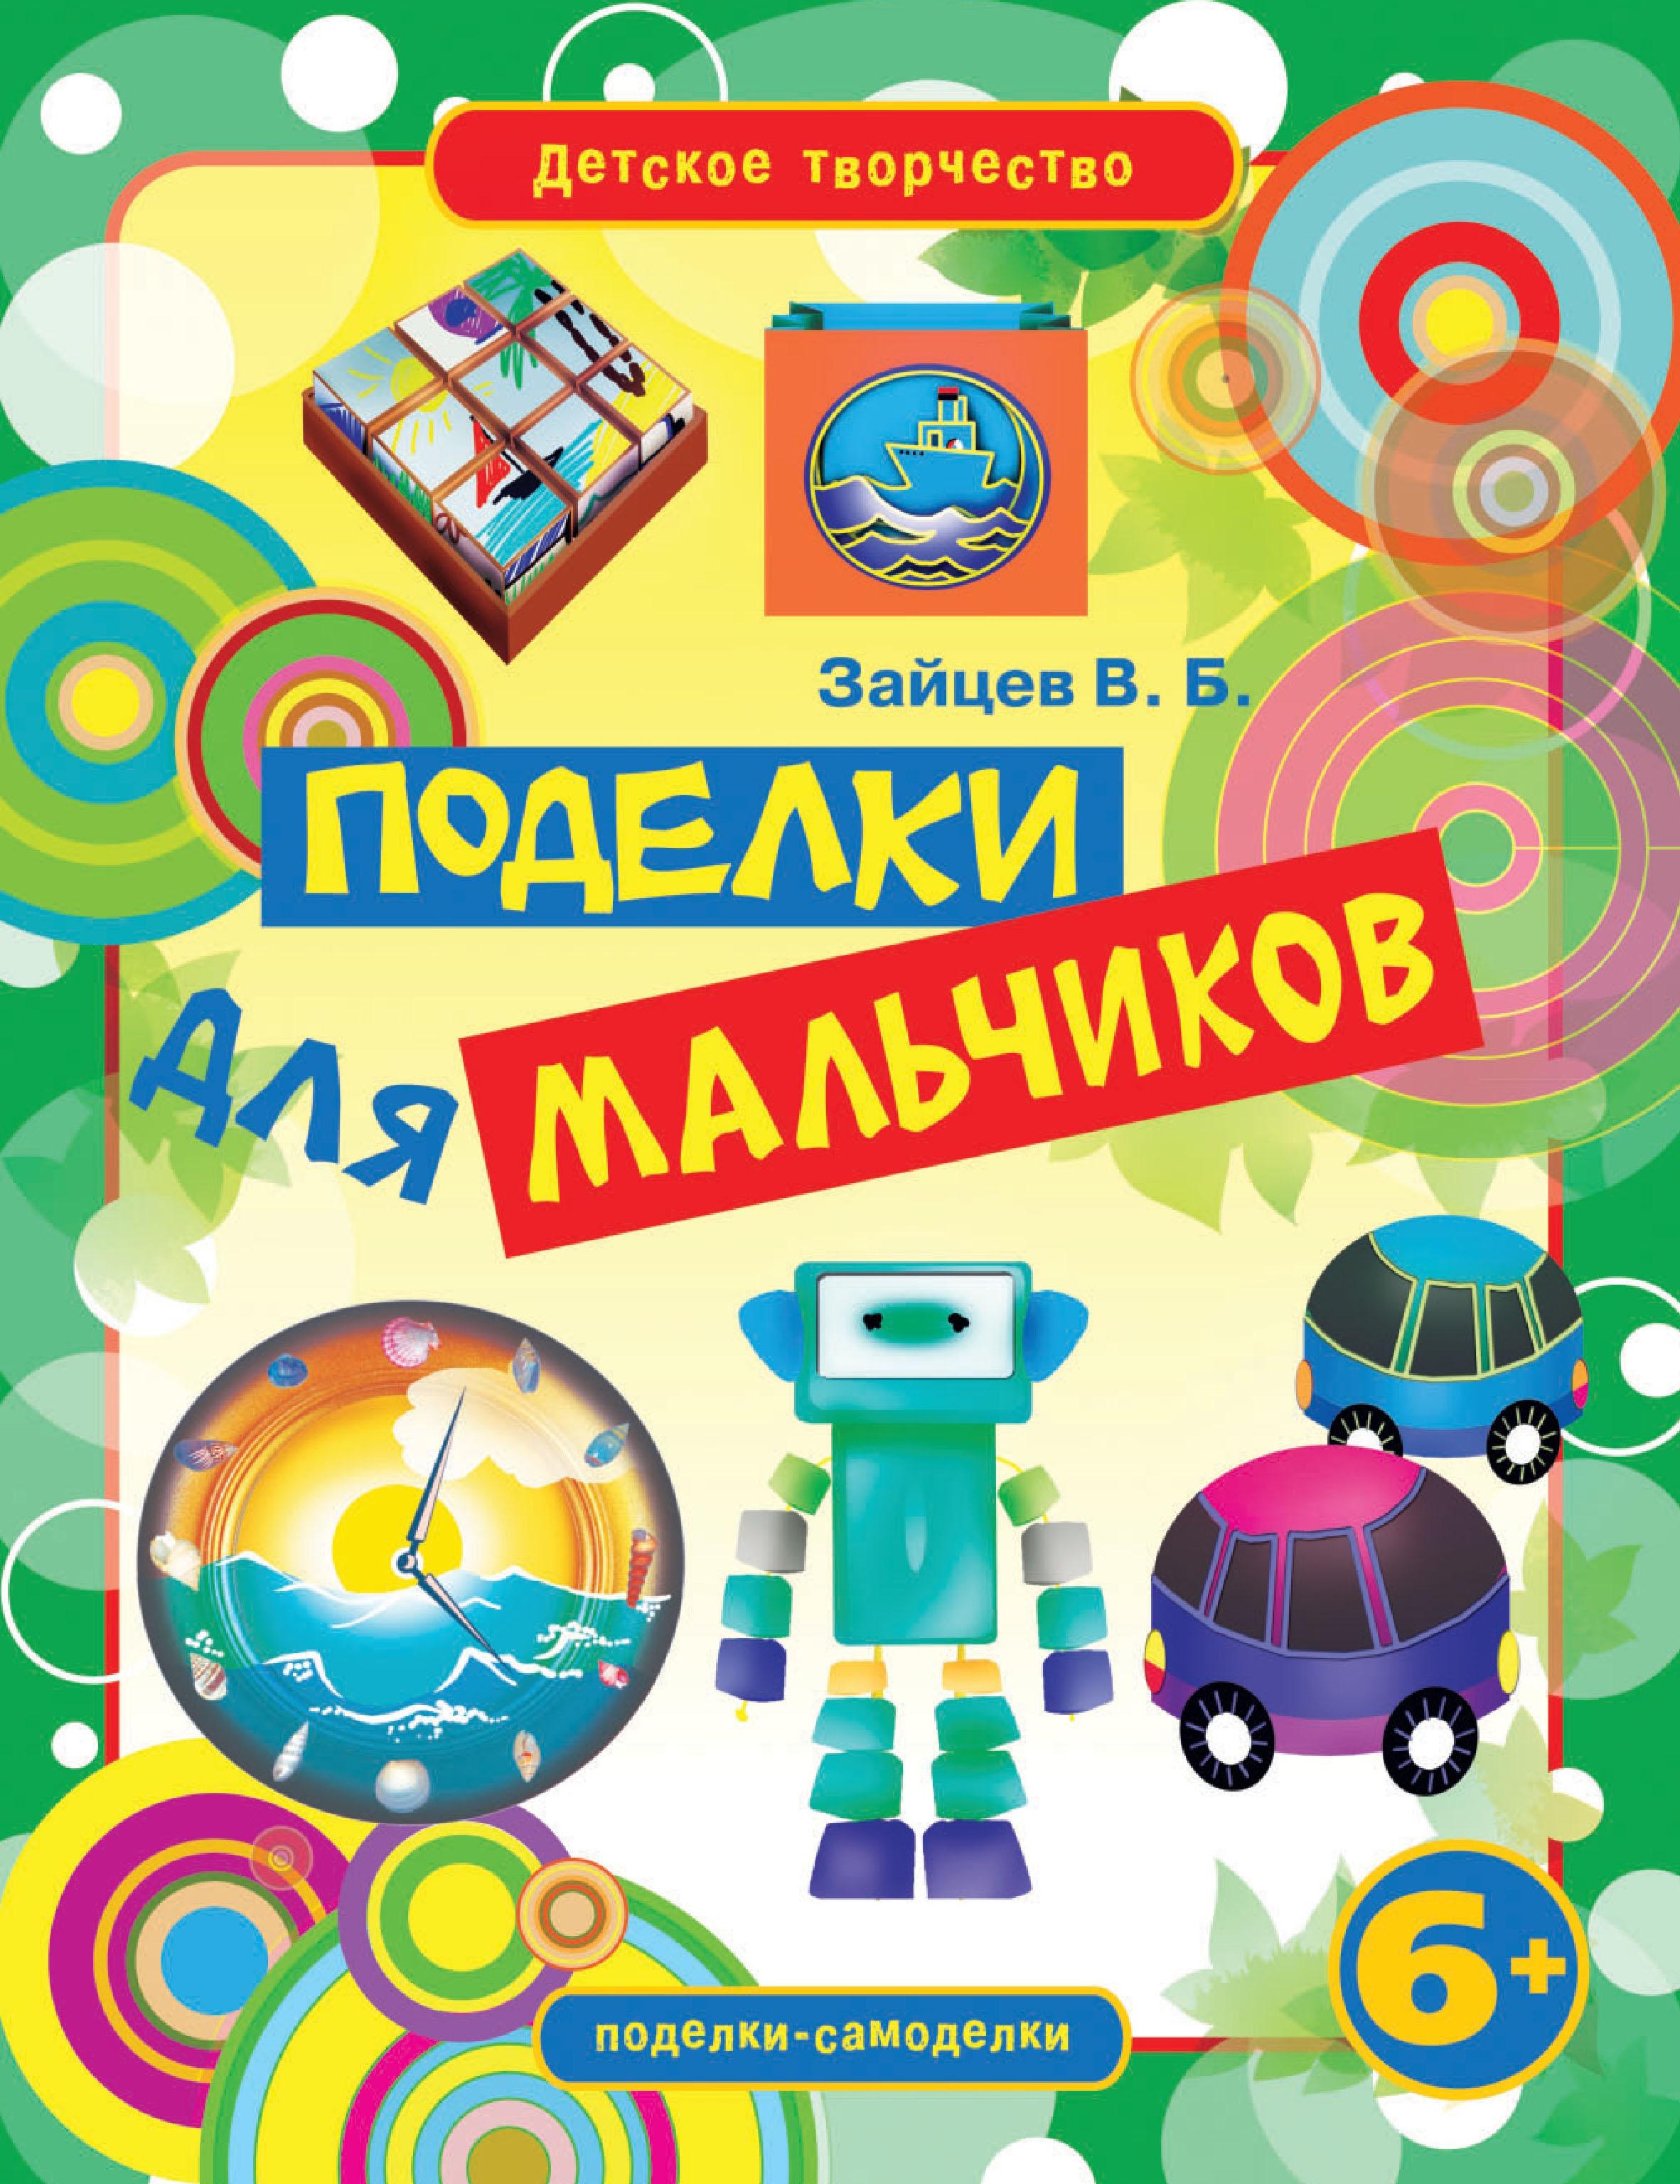 Виктор Зайцев Поделки для мальчиков